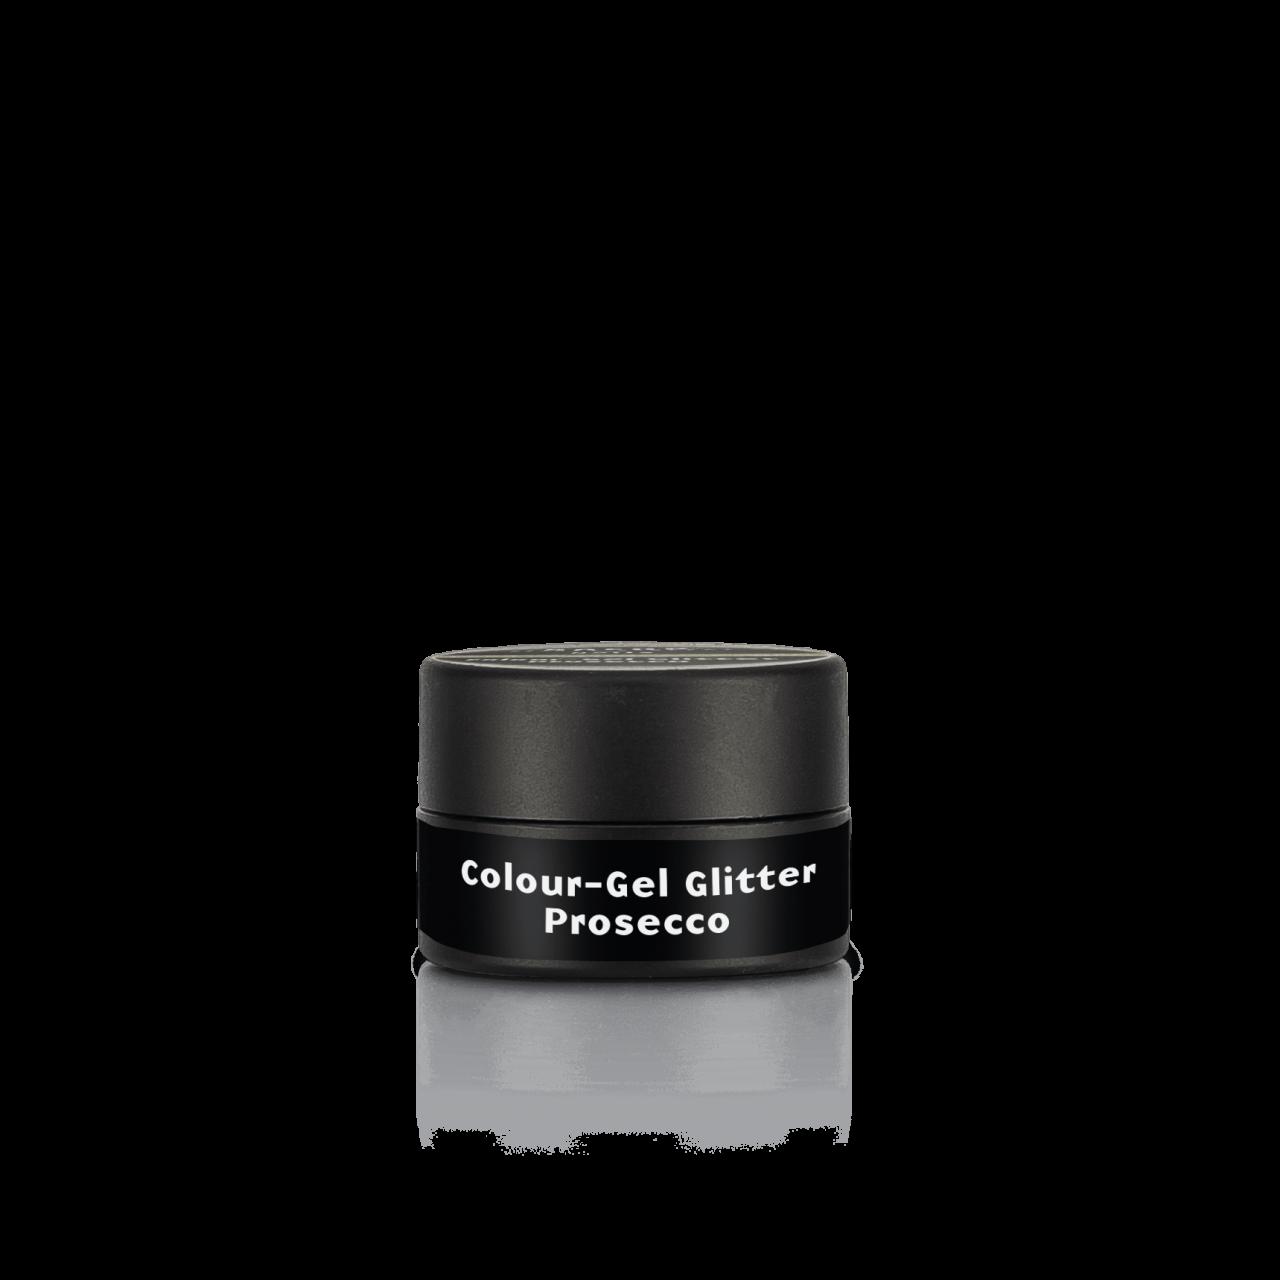 Colour-Gel Glitter Prosecco 5 ml